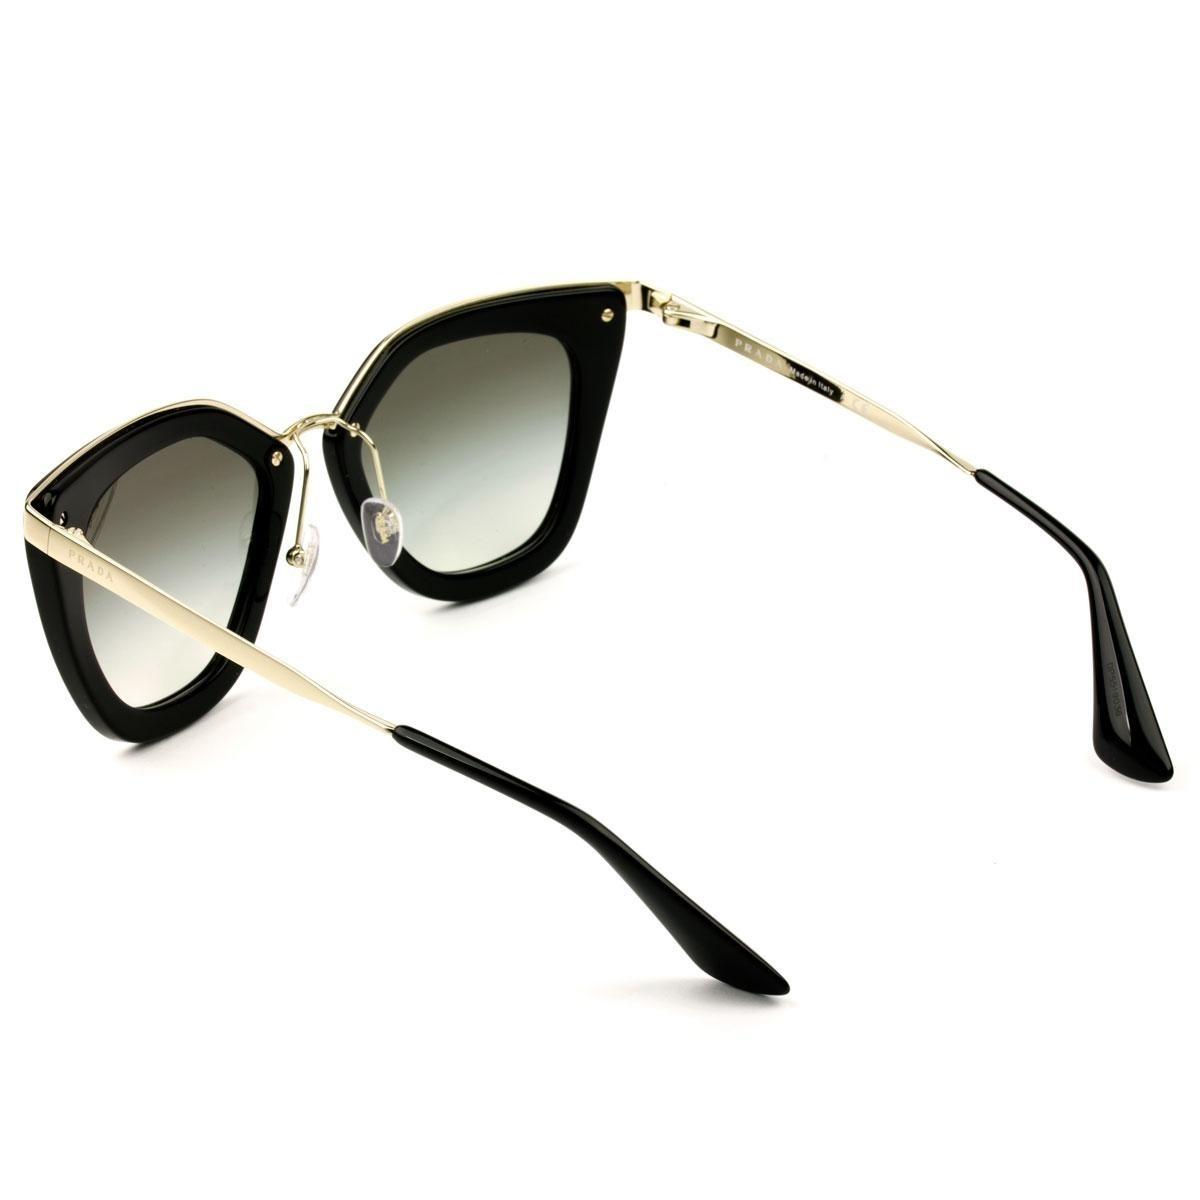 a1bbb6f7ede08 óculos prada cinema spr 53s 1ab-0a7 52 - nota fiscal. Carregando zoom.